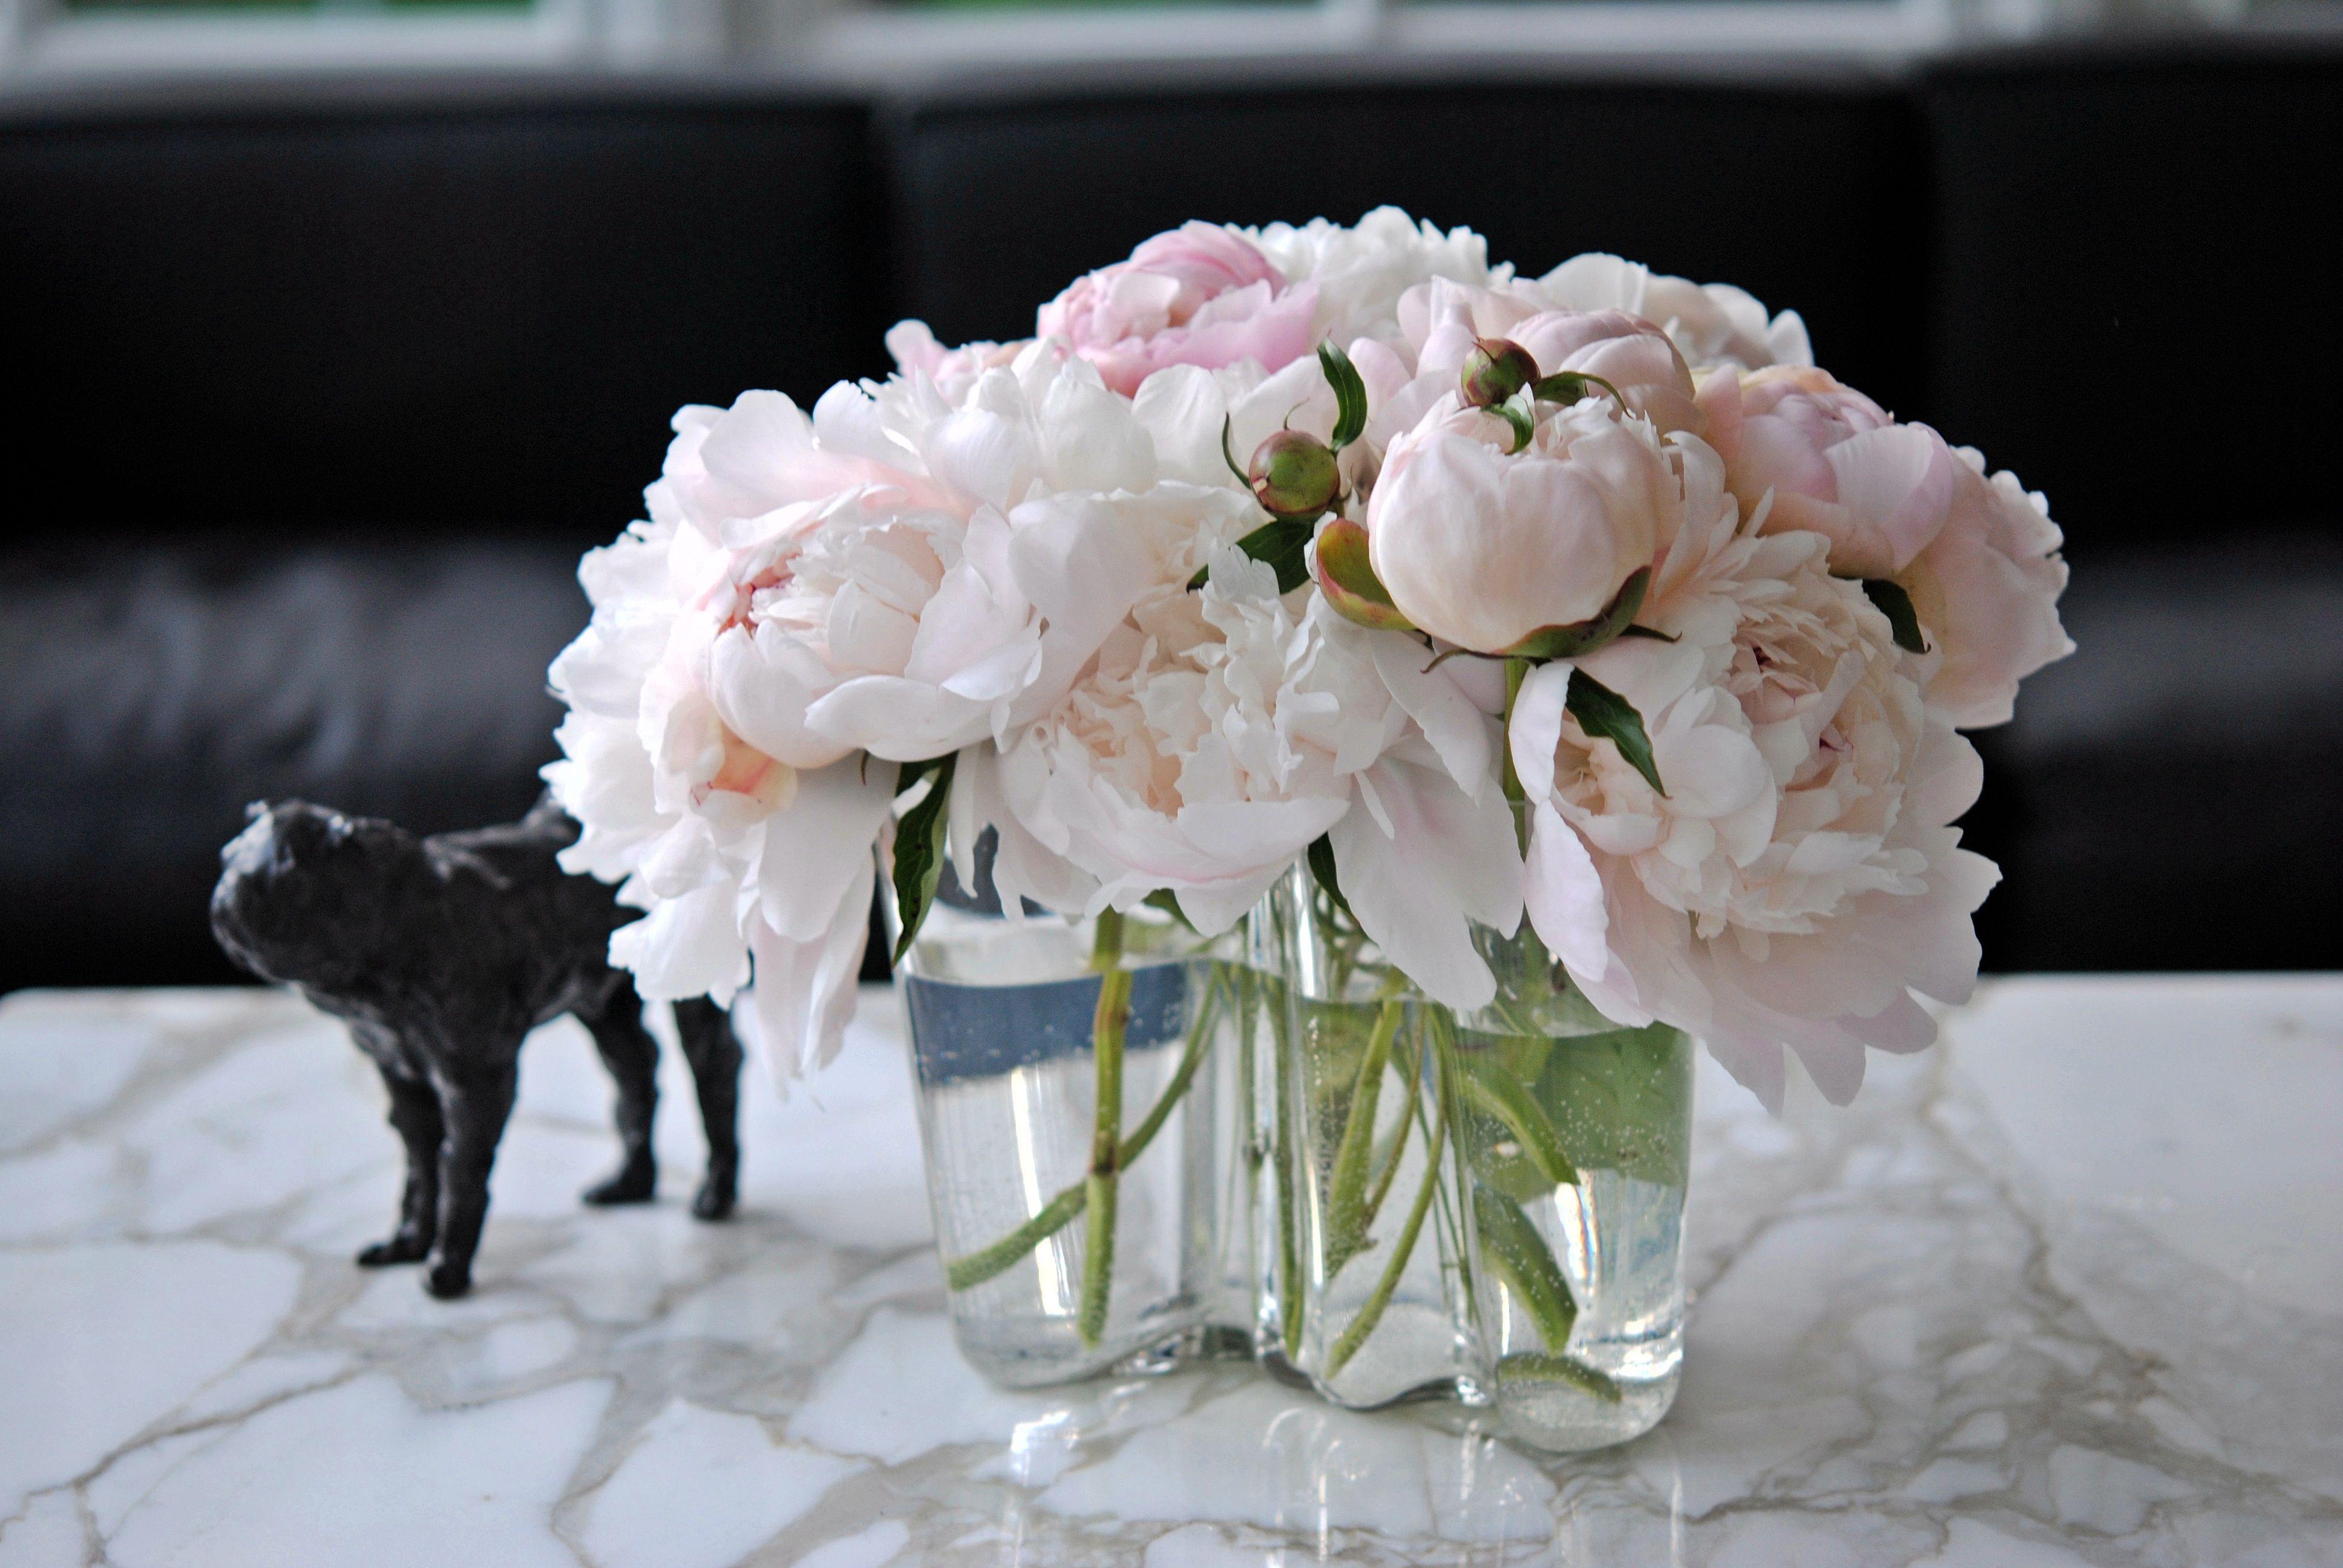 Aalto Vase With Peonies Www Convallaria Com Flower Vases Peony Arrangement Flower Arrangements